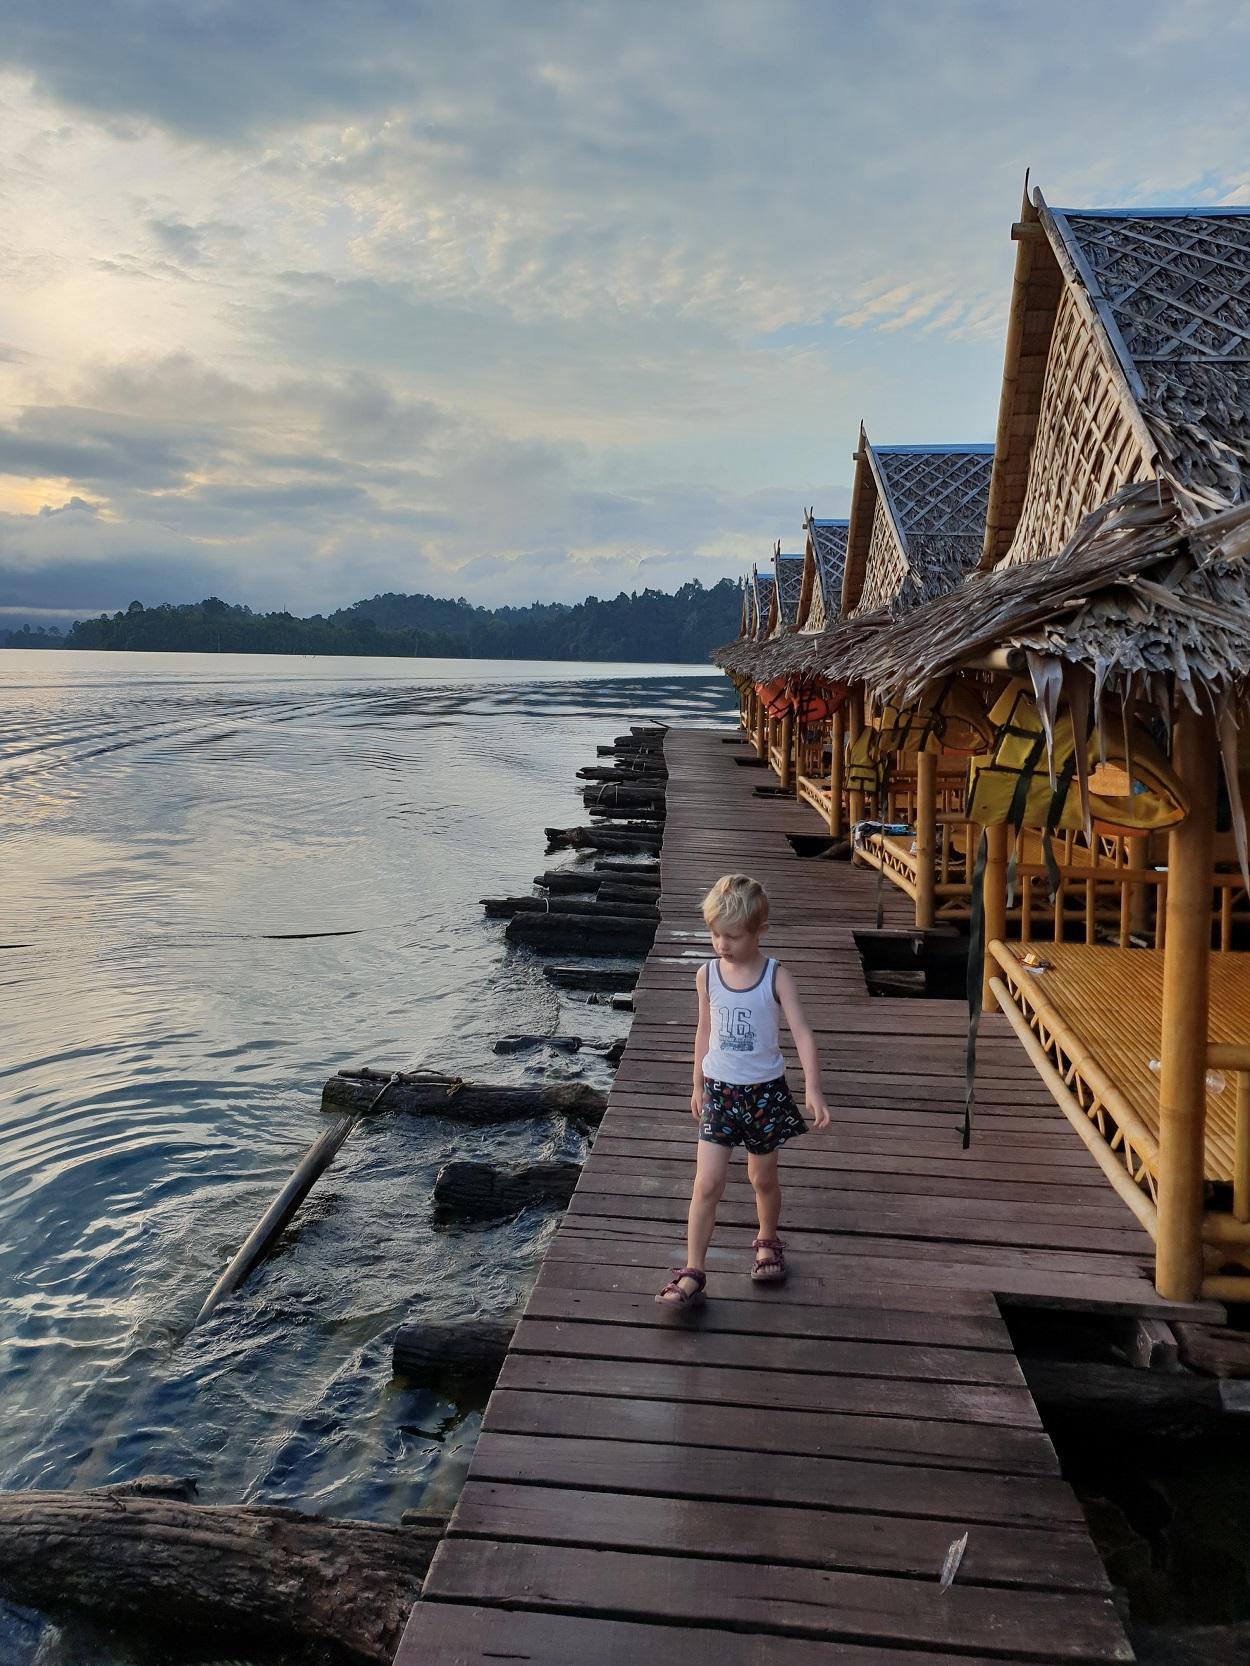 Avontuurlijke reisbestemmingen Khao Sok National Park